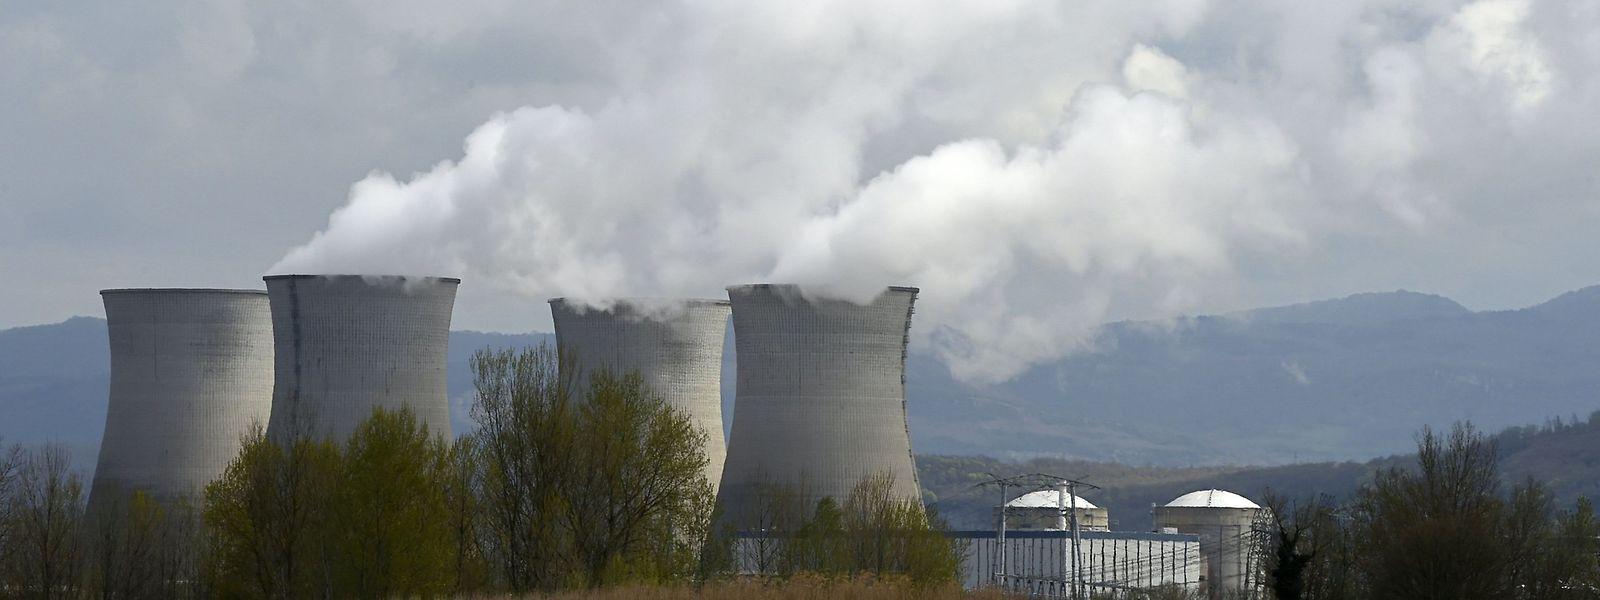 Cerné par trois centrales nucléaires - Cattenom (FR),Tihange et Doel (BE) - le Luxembourg se dote d'une loi pour que chaque citoyen puisse réclamer des dommages en cas d'incidents sérieux.